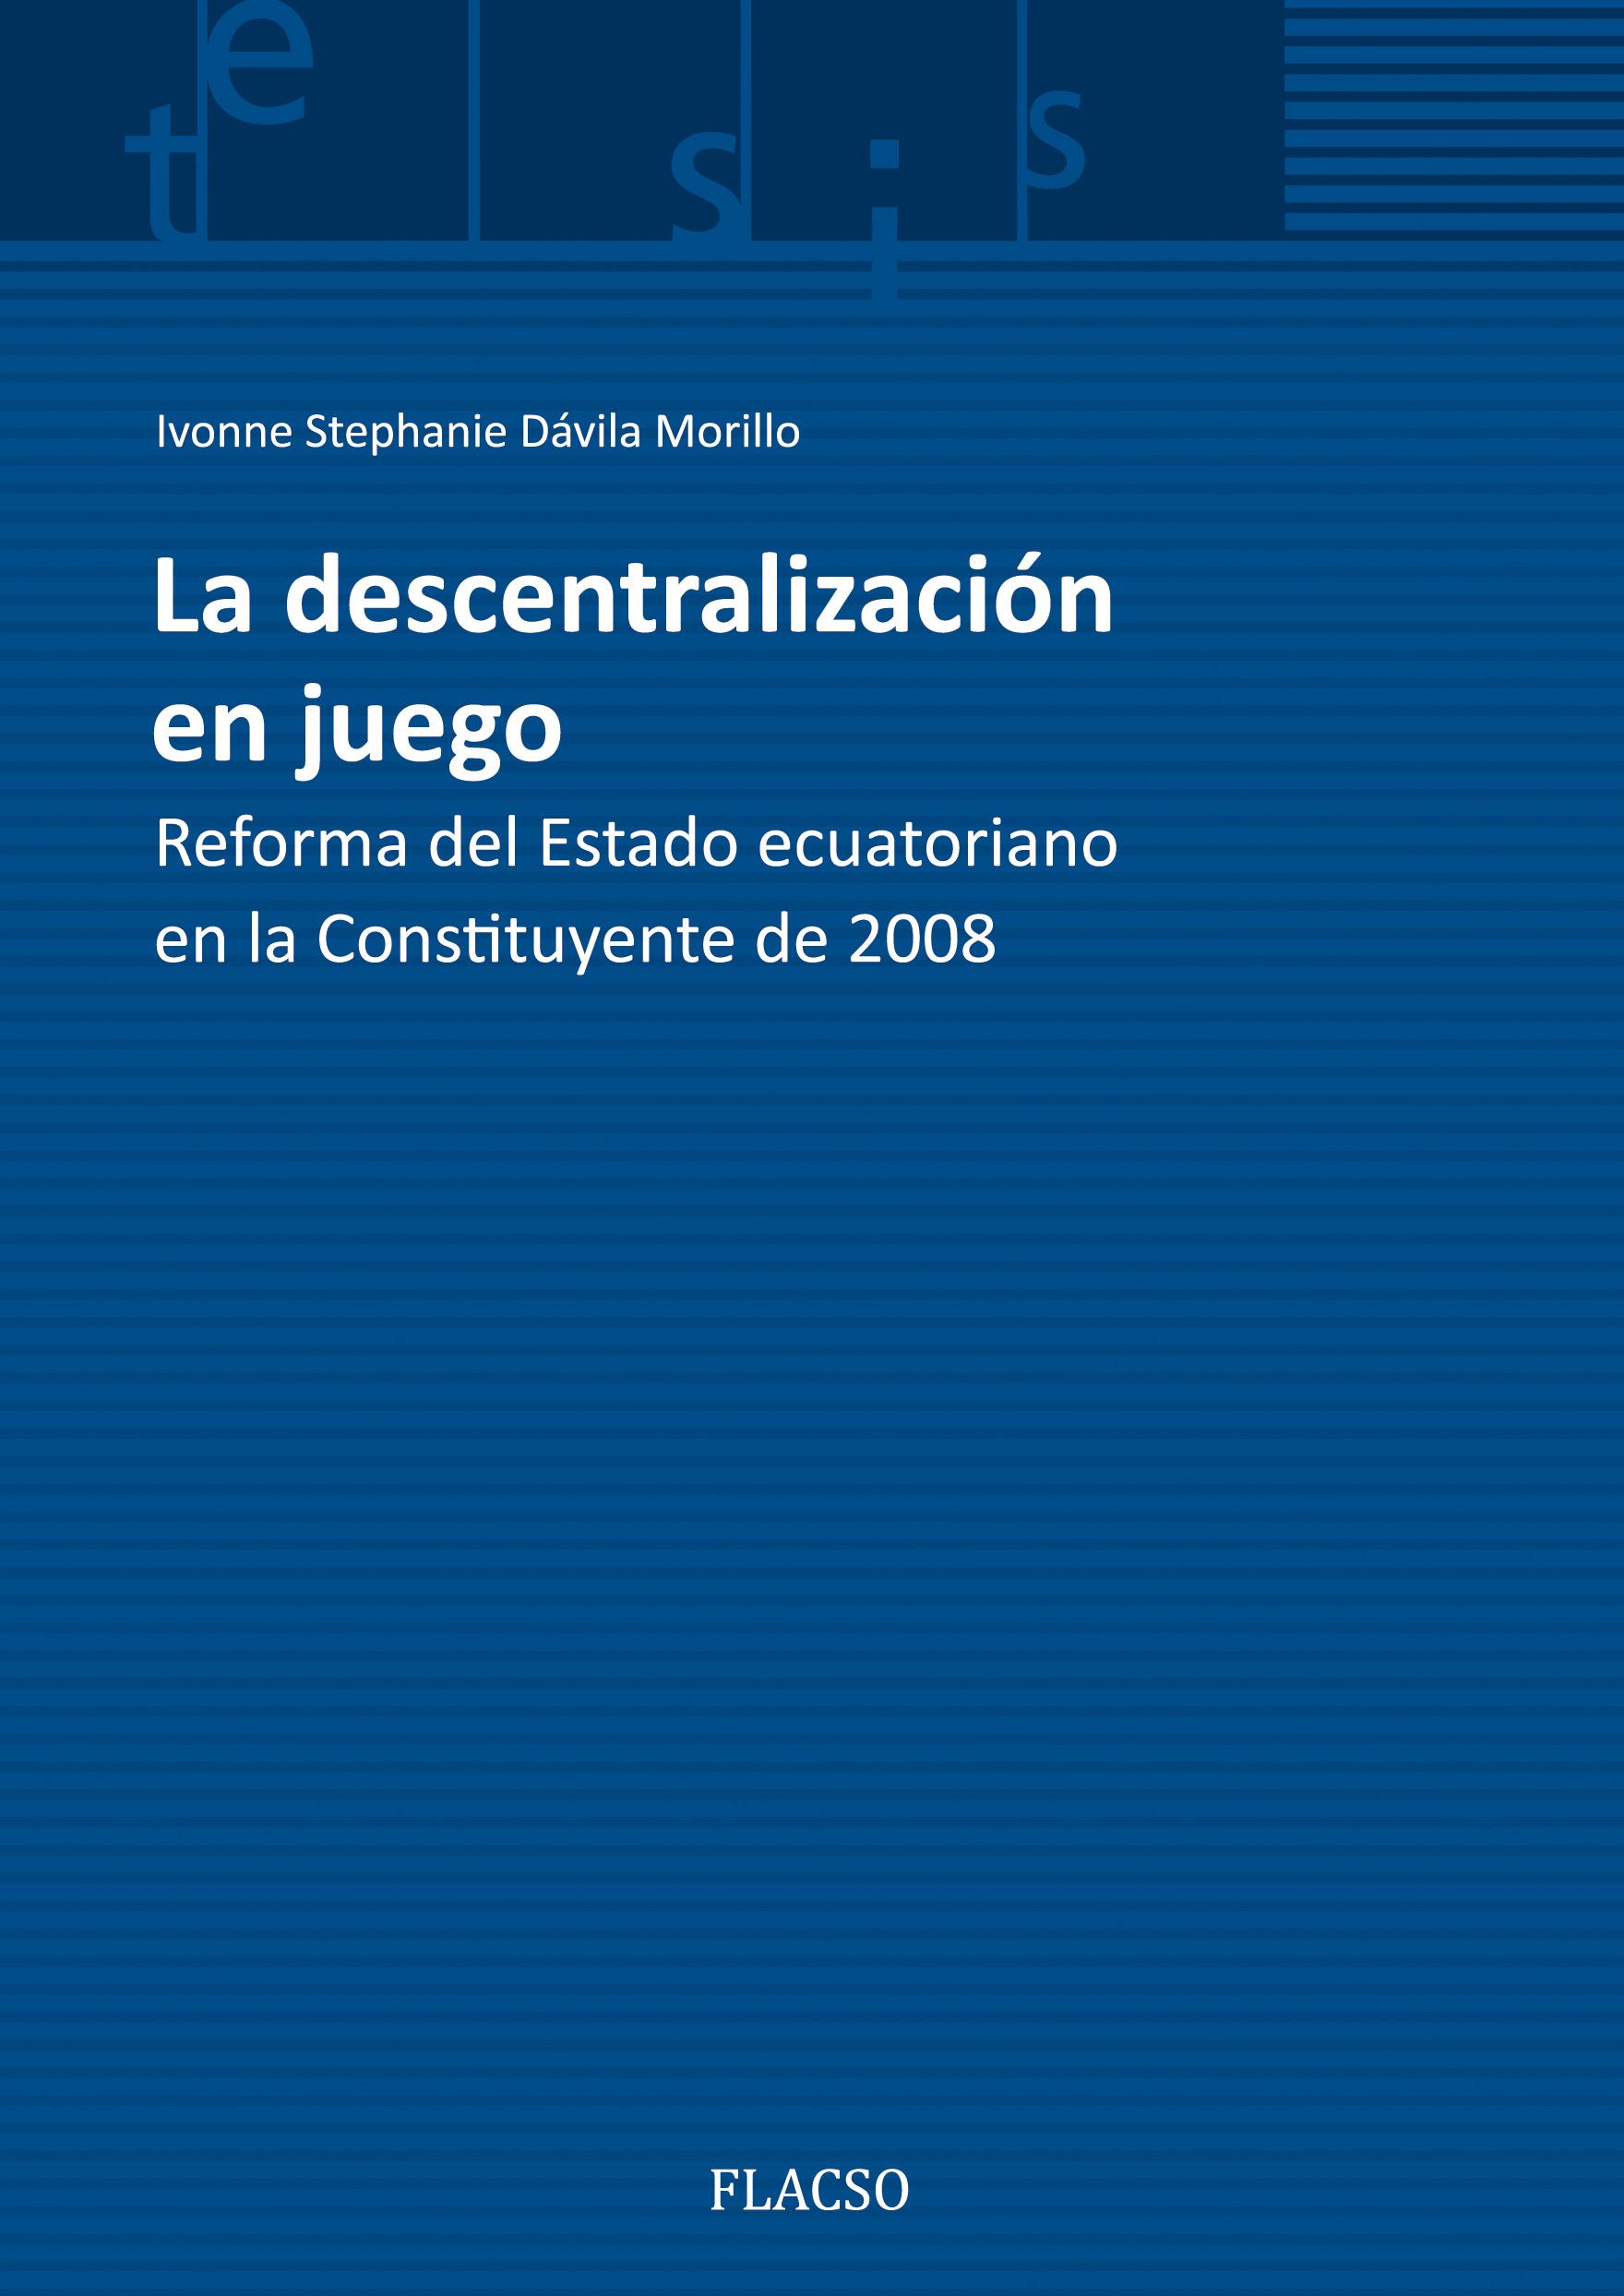 La descentralización en juego. Reforma del Estado ecuatoriano en la Constituyente de 2008.